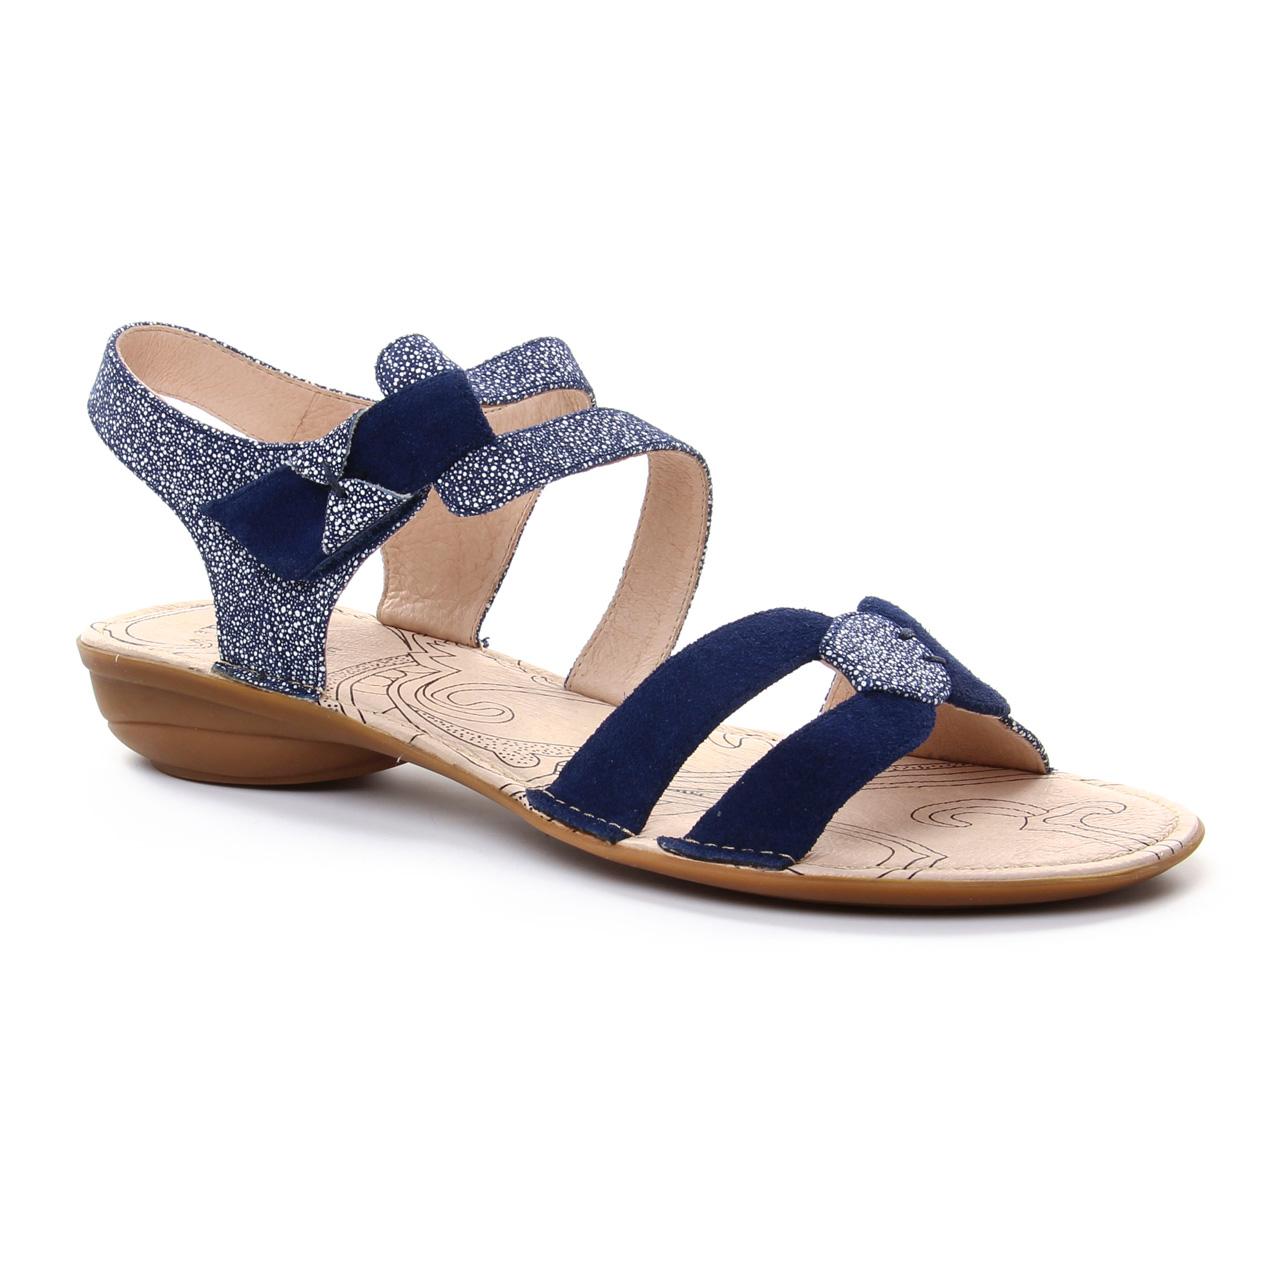 0a655f77602 sandales bleu marine mode femme printemps été vue 1